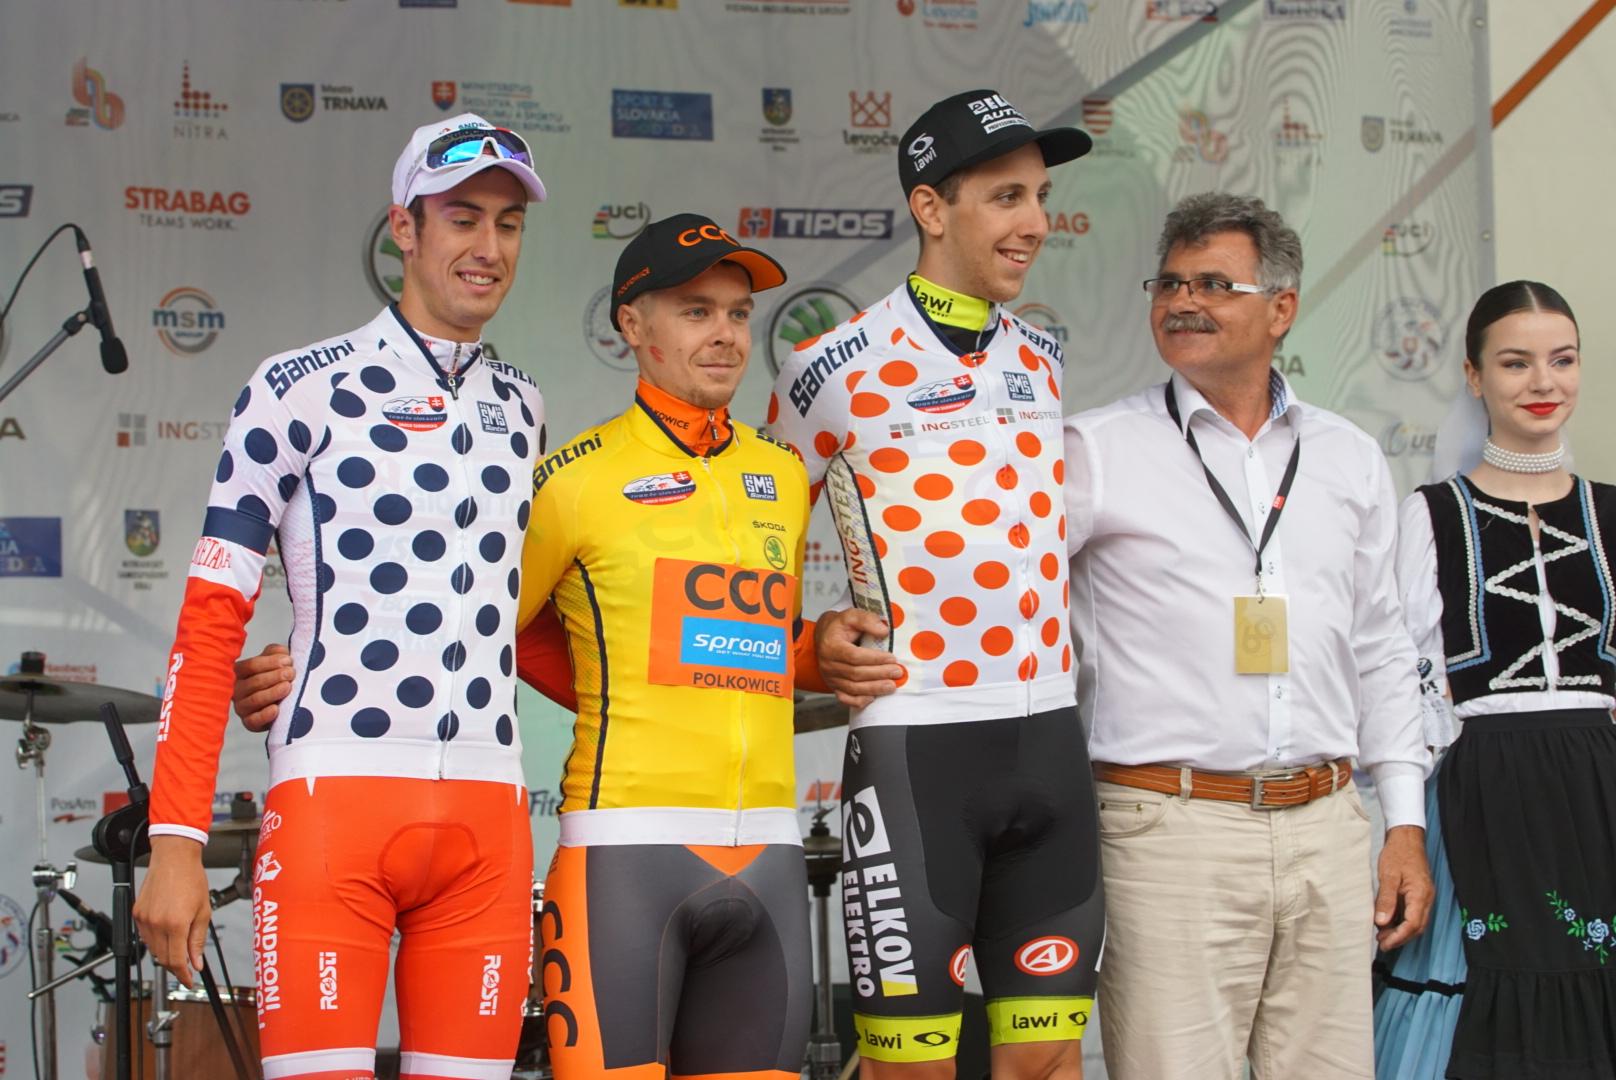 Il podio del prologo del Tour de Slovaquie 2017